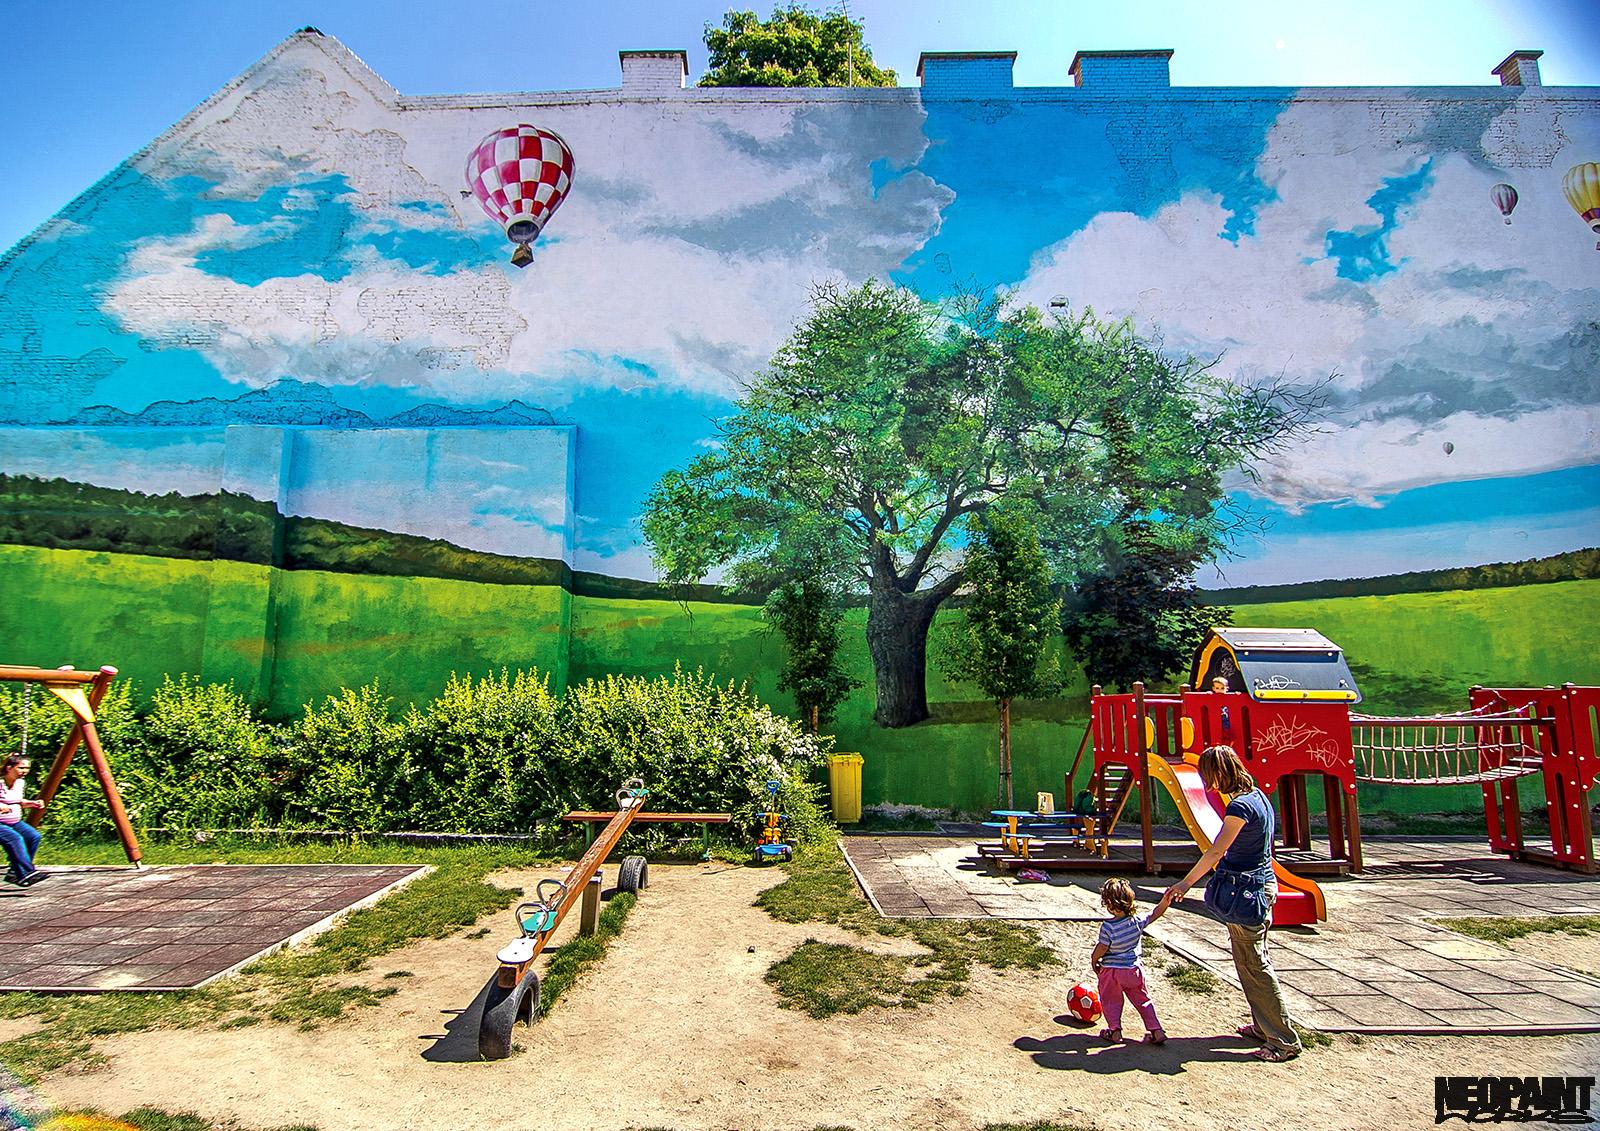 neopaint works - tájkép tűzfalra festve - király utca